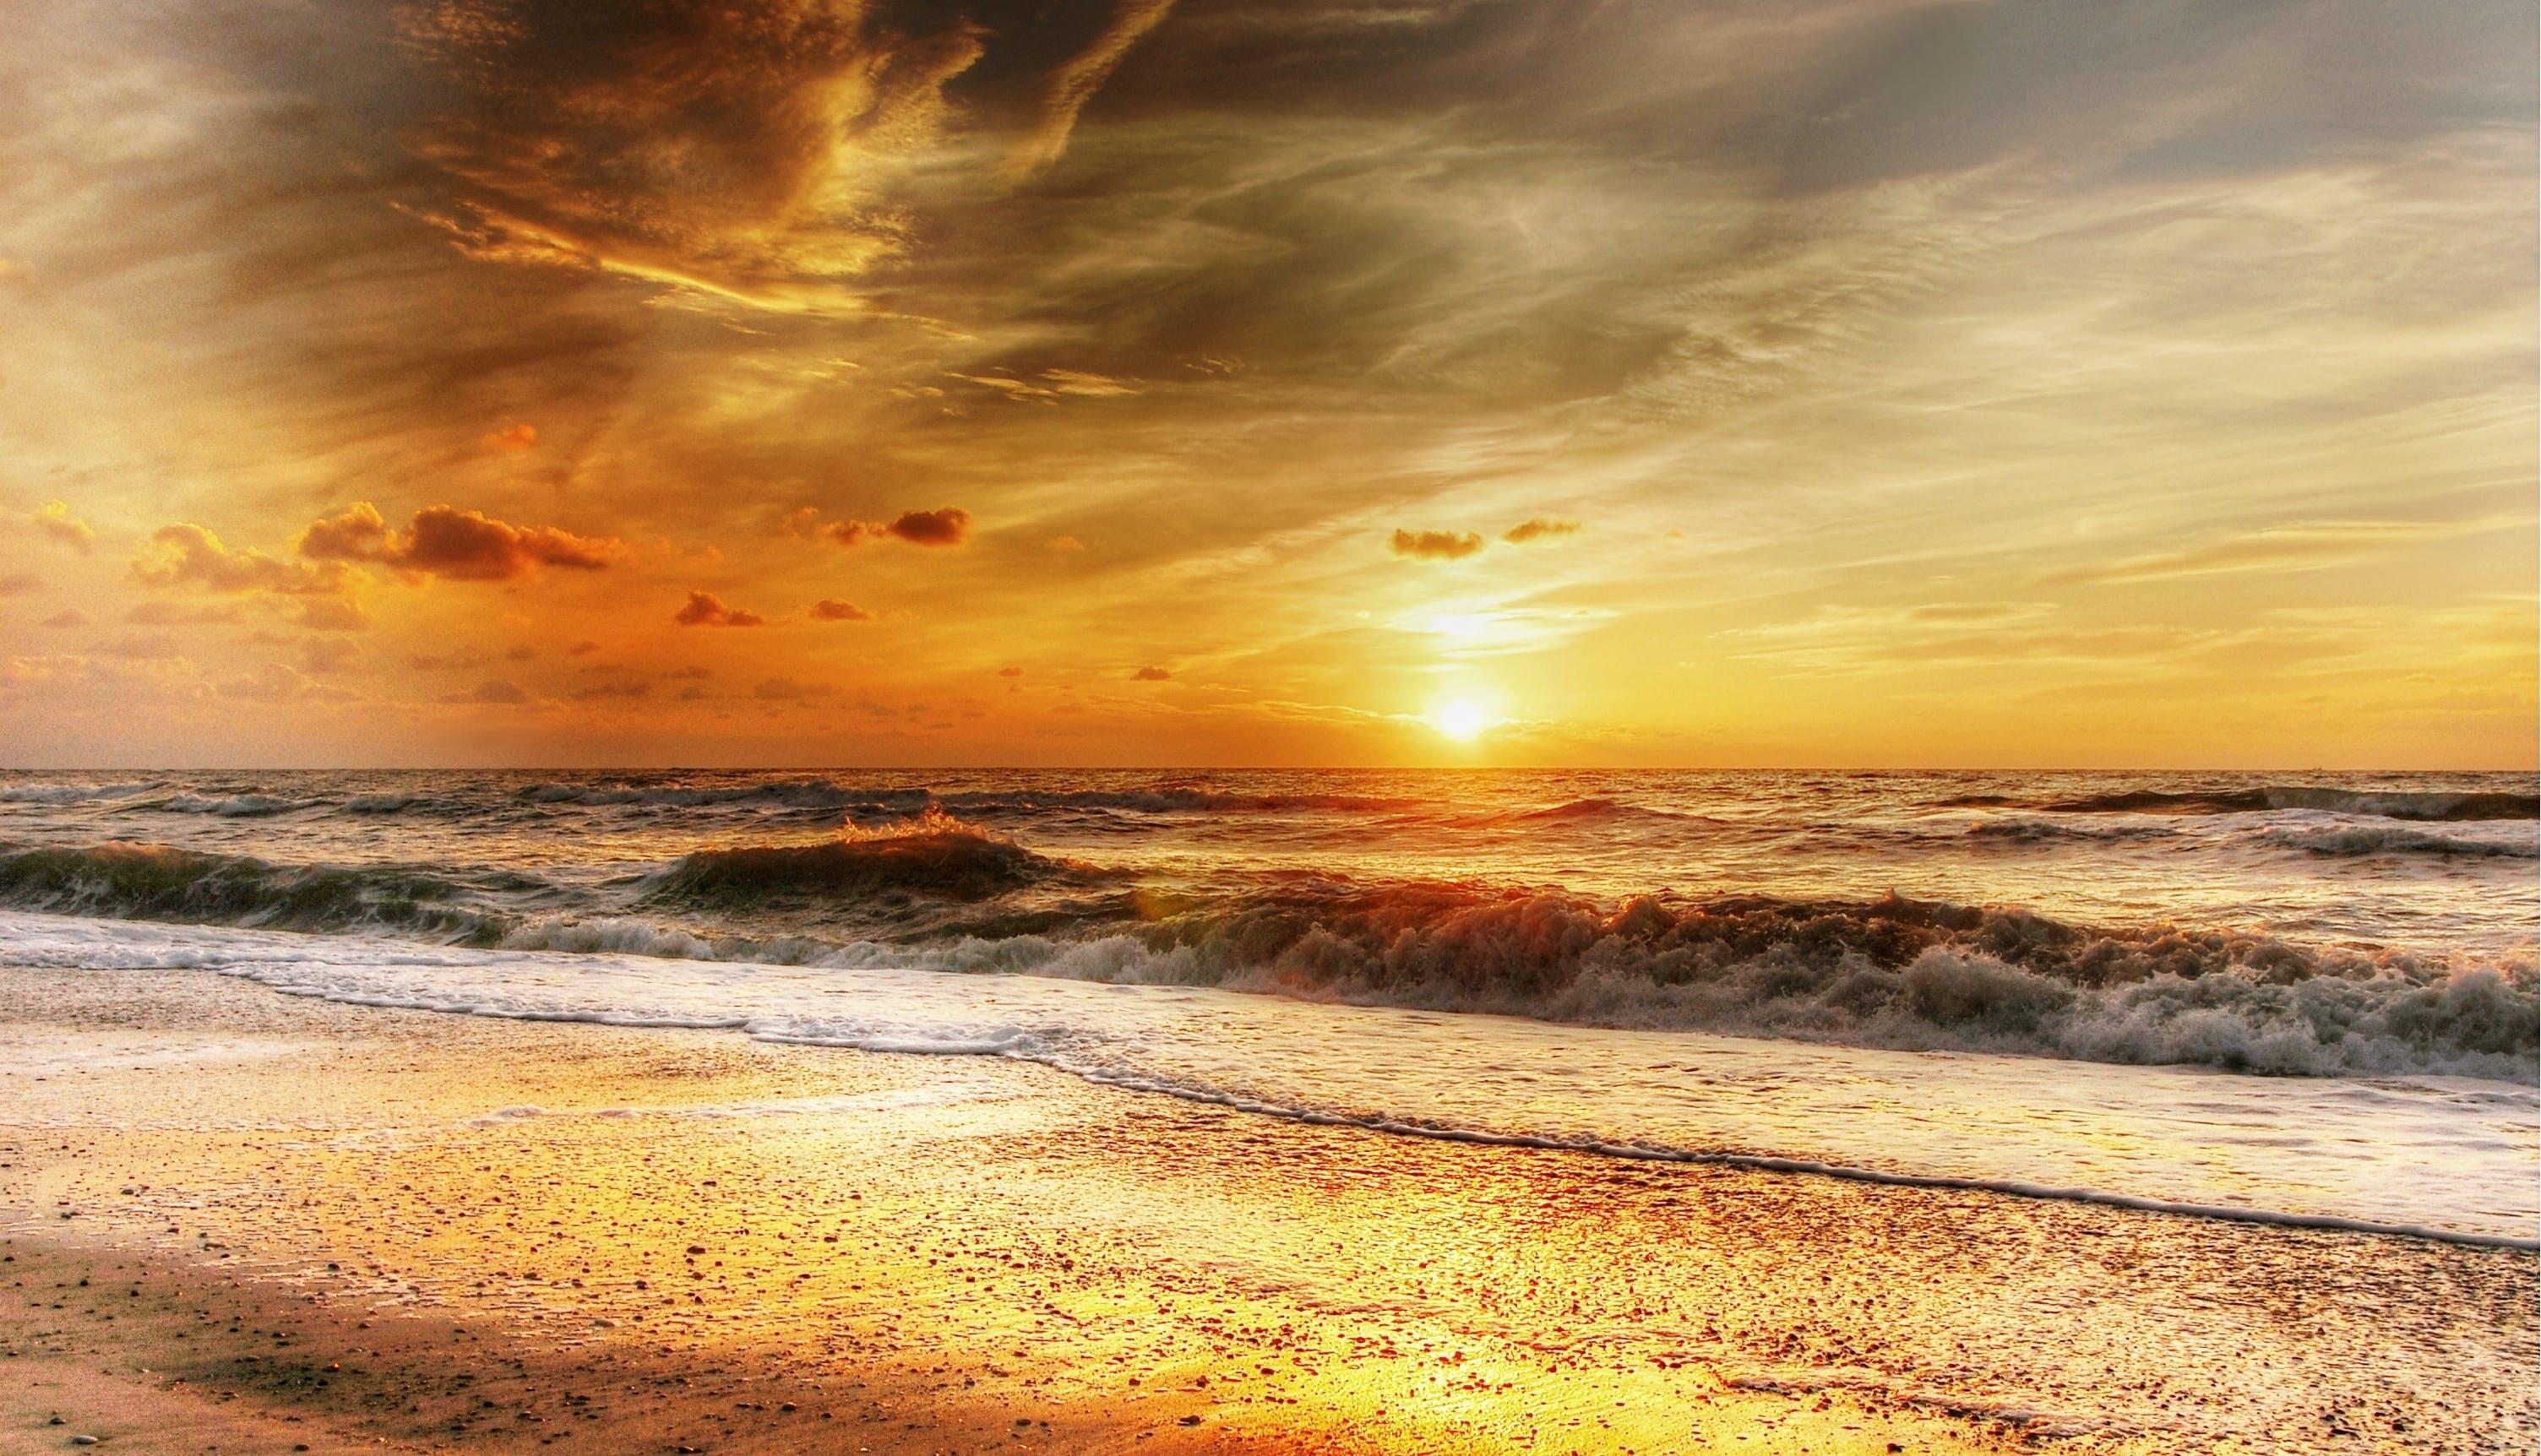 abendstimmung, afterglow, beach